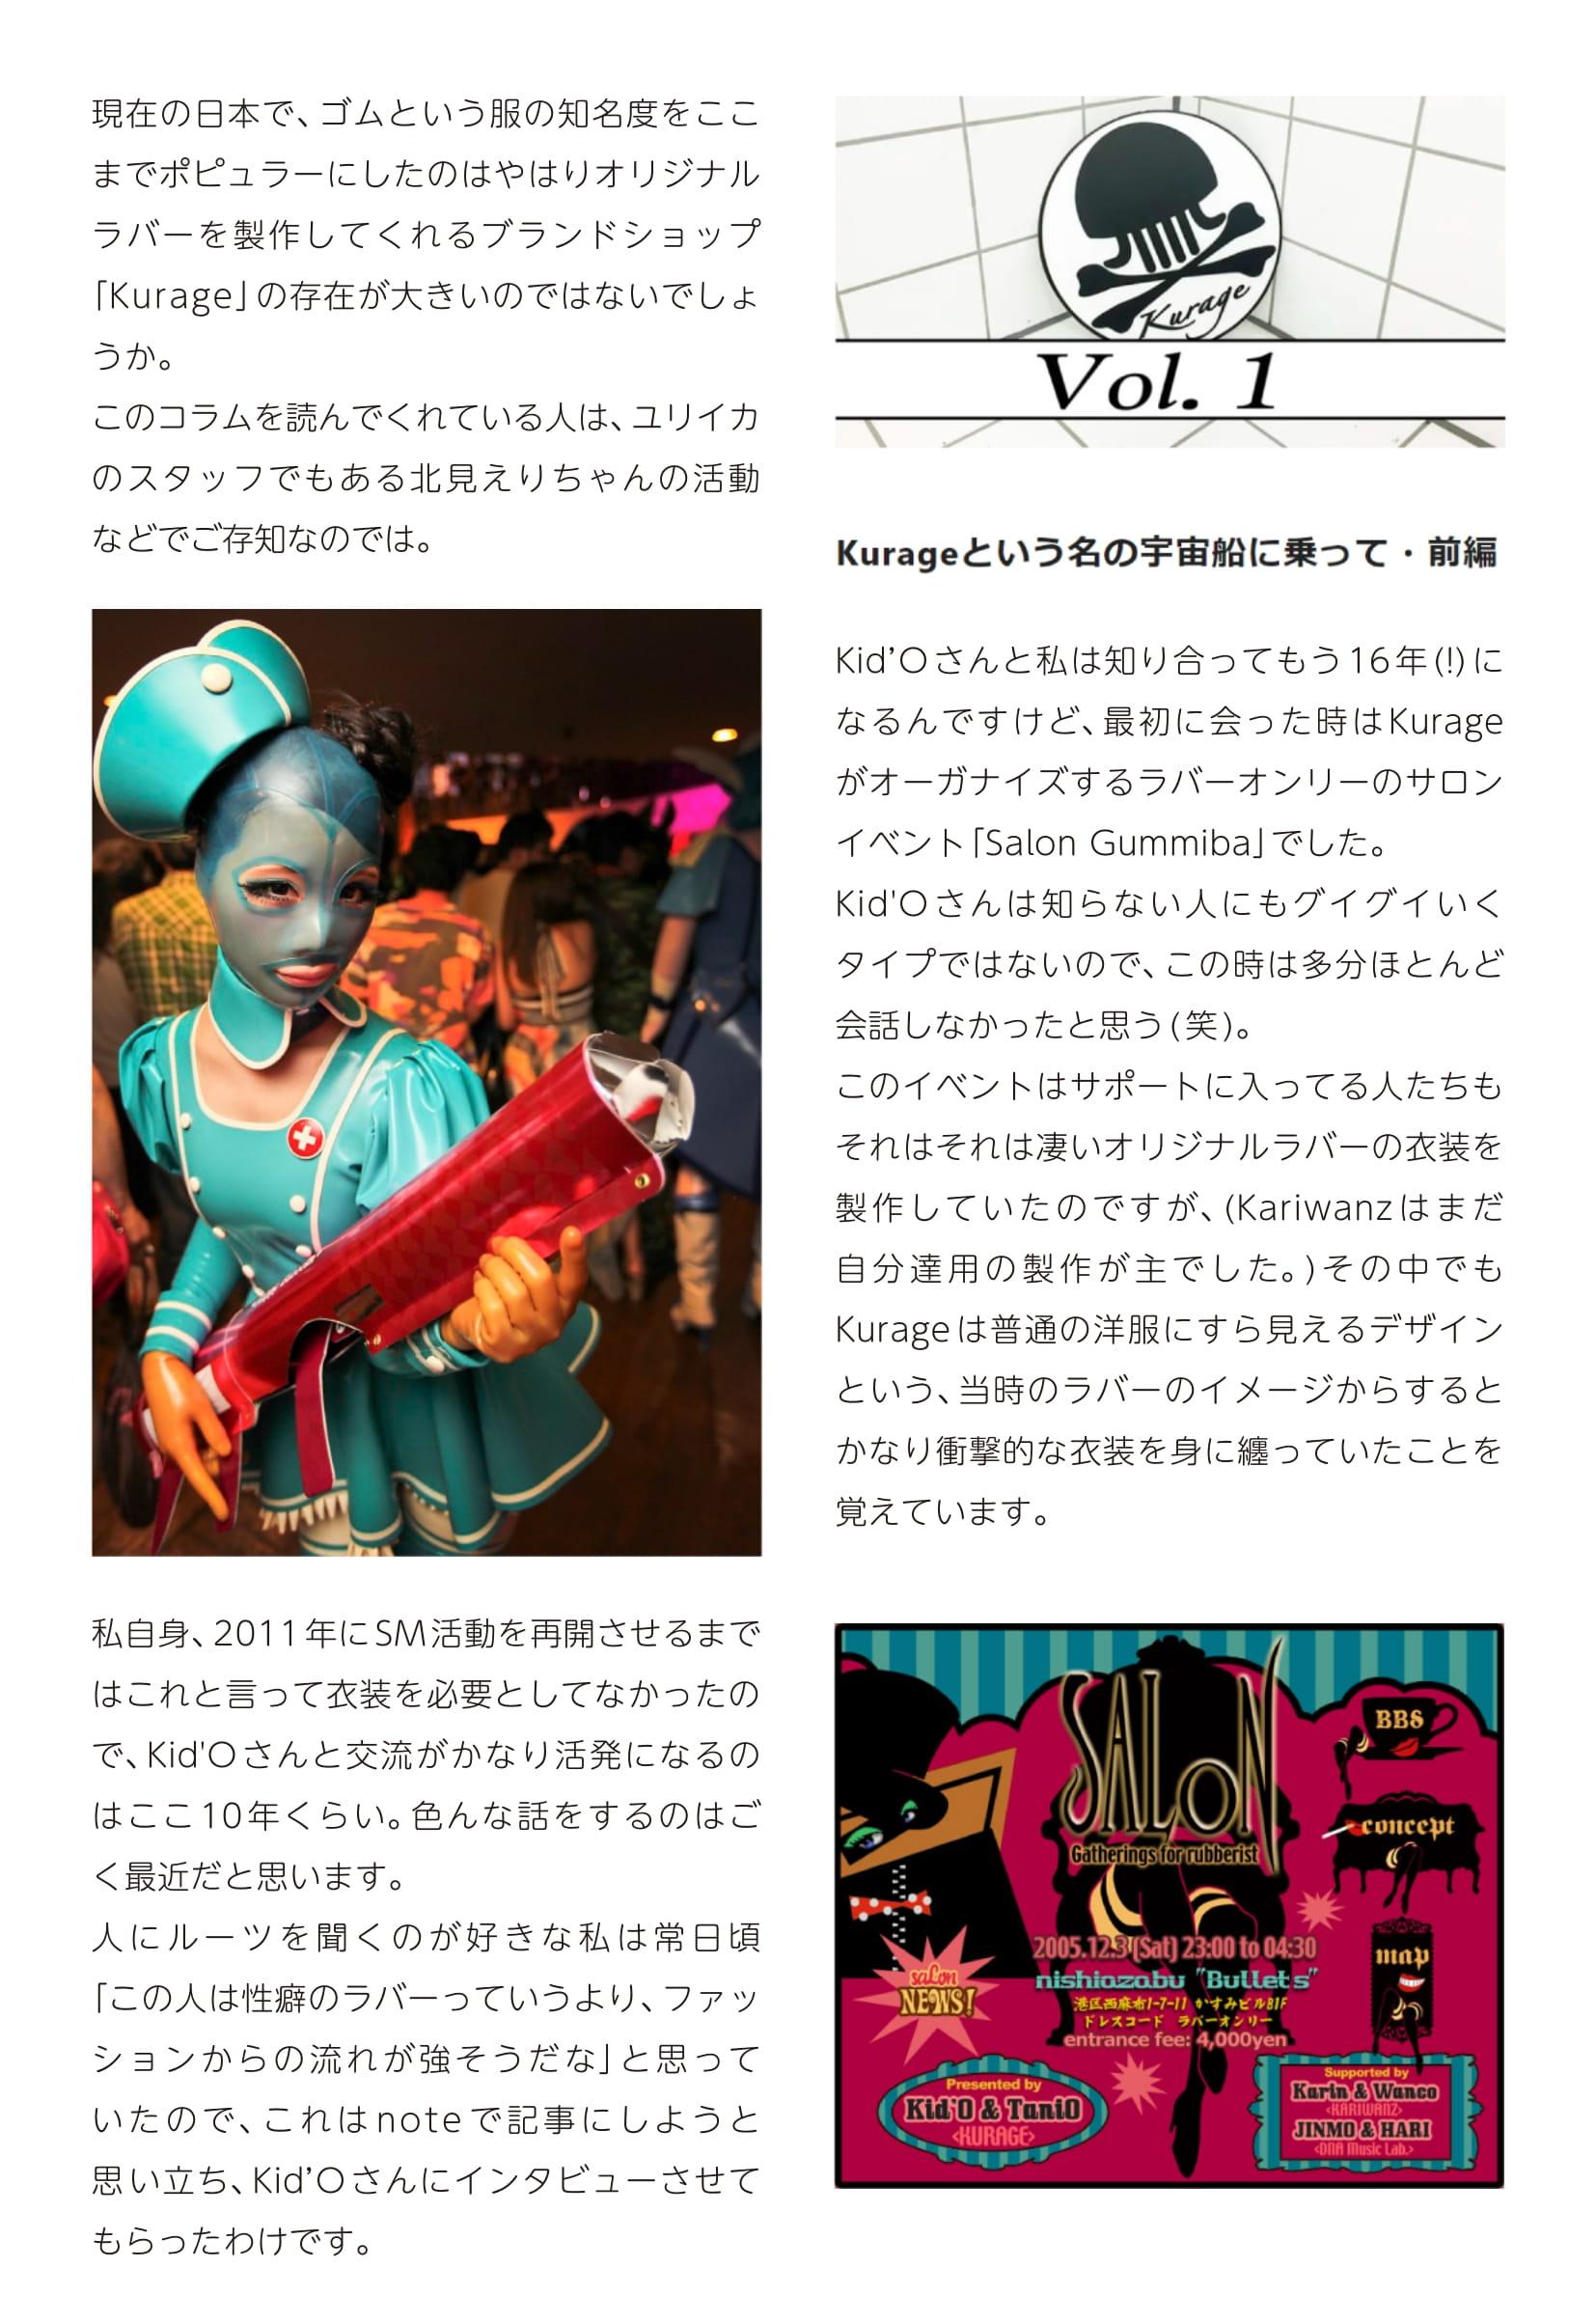 現在の日本で、ゴムという服の知名度をここ までポピュラーにしたのはやはりオリジナルラバーを製作してくれるブランドショップ 「Kurage」の存在が大きいのではないでしょ うか。 このコラムを読んでくれている人は、ユリイカ のスタッフでもある北見えりちゃんの活動などでご存知なのでは。  私自身、2011年に SM 活動を再開させるまではこれと言って衣装を必要としてなかったので、Kid'O さんと交流がかなり活発になるの はここ 10 年くらい。色んな話をするのはご く最近だと思います。 人にルーツを聞くのが好きな私は常日頃 「この人は性癖のラバーっていうより、ファッションからの流れが強そうだな」と思って いたので、これは note で 記 事 に し よ う と 思い立ち、Kid`O さんにインタビューさせてもらったわけです。  Kid`O さんと私は知り合ってもう 16 年 (!) に なるんですけど、最初に会った時は Kurage がオーガナイズするラバーオンリーのサロン イベント「Salon Gummiba」でした。 Kid'O さんは知らない人にもグイグイいく タイプではないので、この時は多分ほとんど 会話しなかったと思う ( 笑 )。 このイベントはサポートに入ってる人たちも それはそれは凄いオリジナルラバーの衣装を 製作していたのですが、(Kariwanz はまだ 自 分 達 用 の 製 作 が 主 で し た。) そ の 中 で も Kurage は普通の洋服にすら見えるデザインという、当時のラバーのイメージからすると かなり衝撃的な衣装を身に纏っていたことを 覚えています。